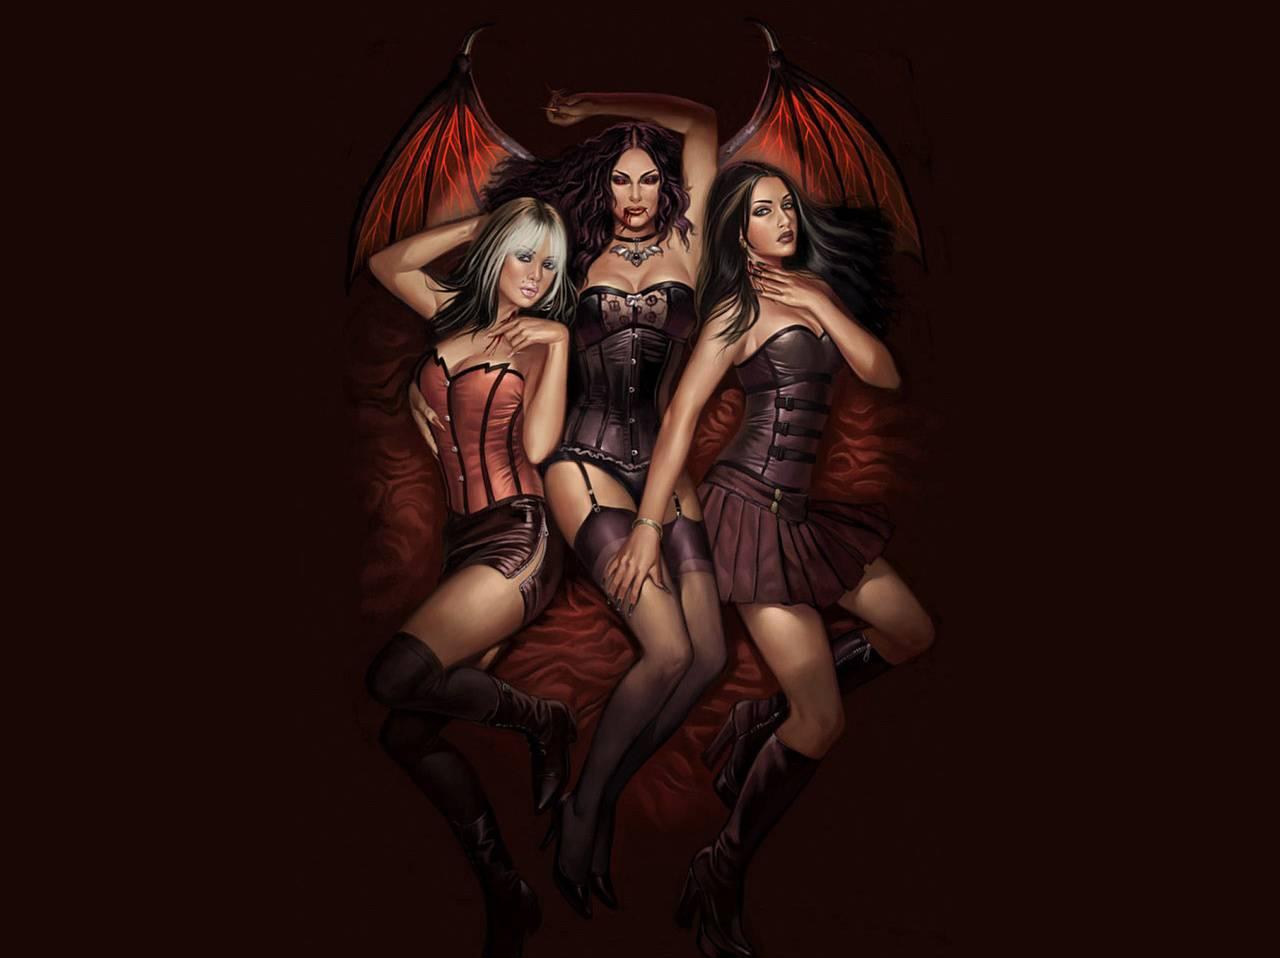 3 Girl Devils